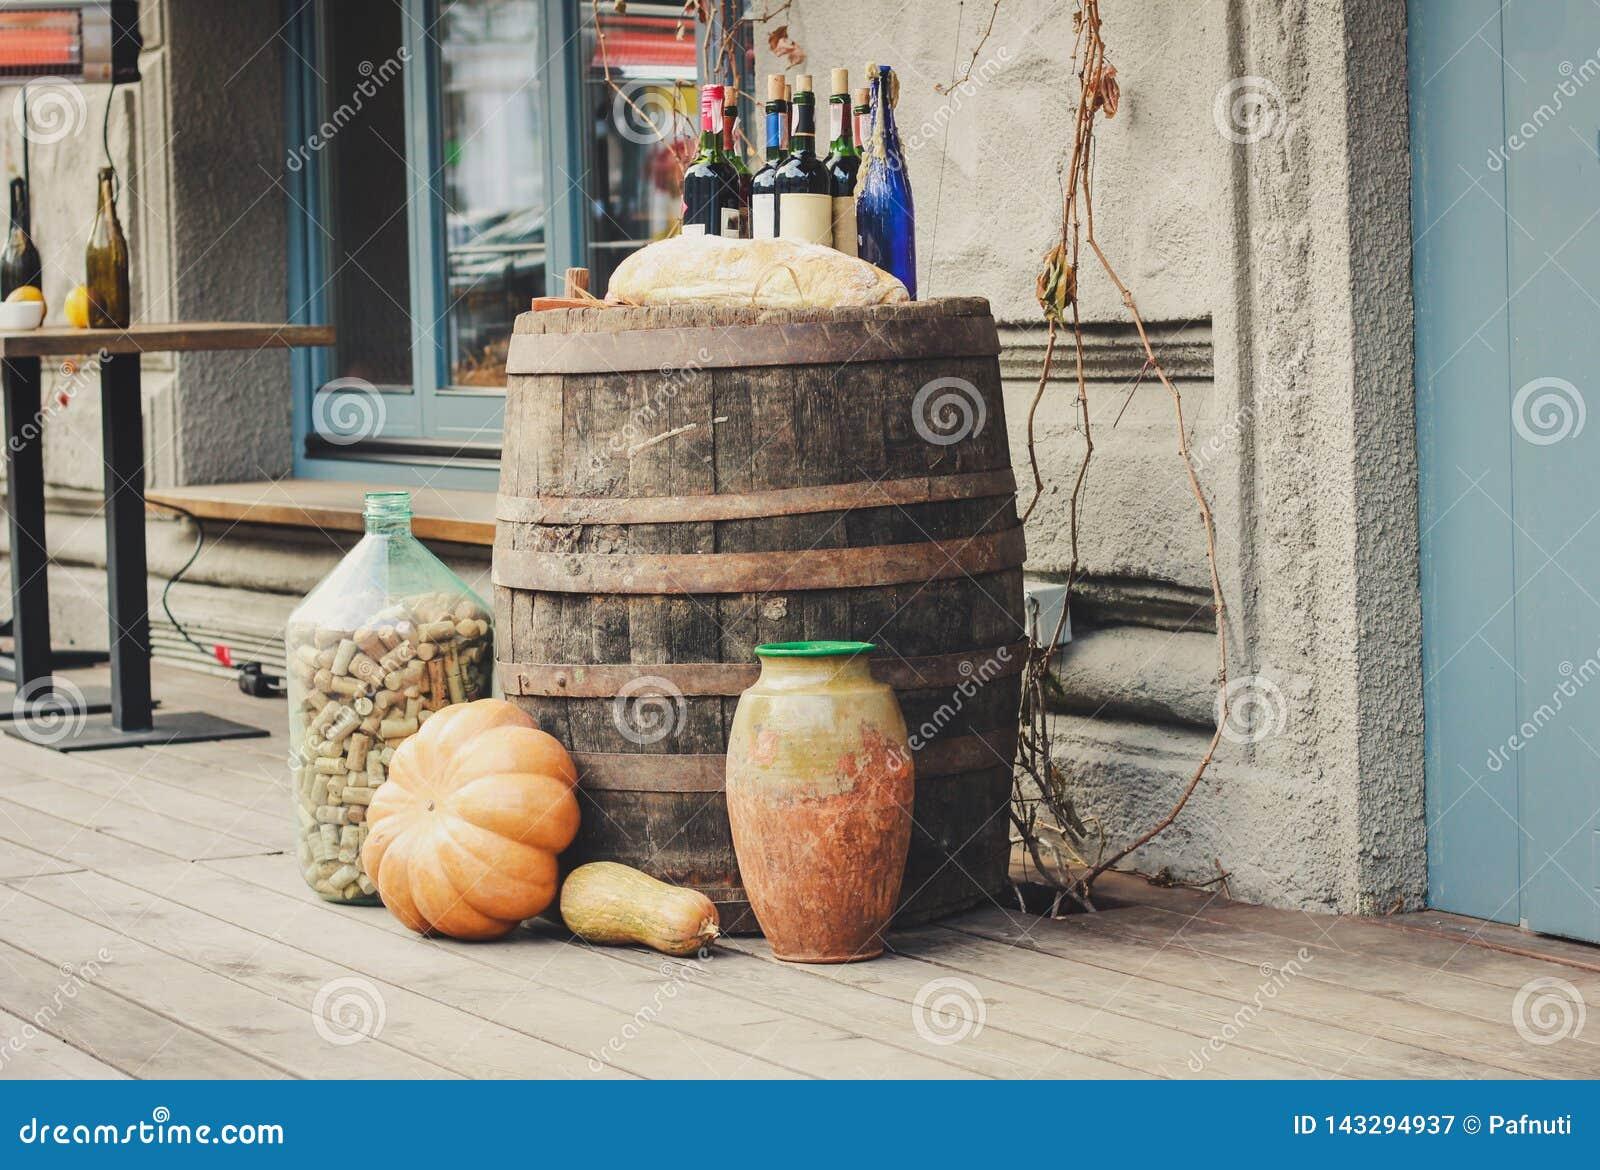 Vieux barils en bois sur lesquels il y a des potirons et des bouteilles